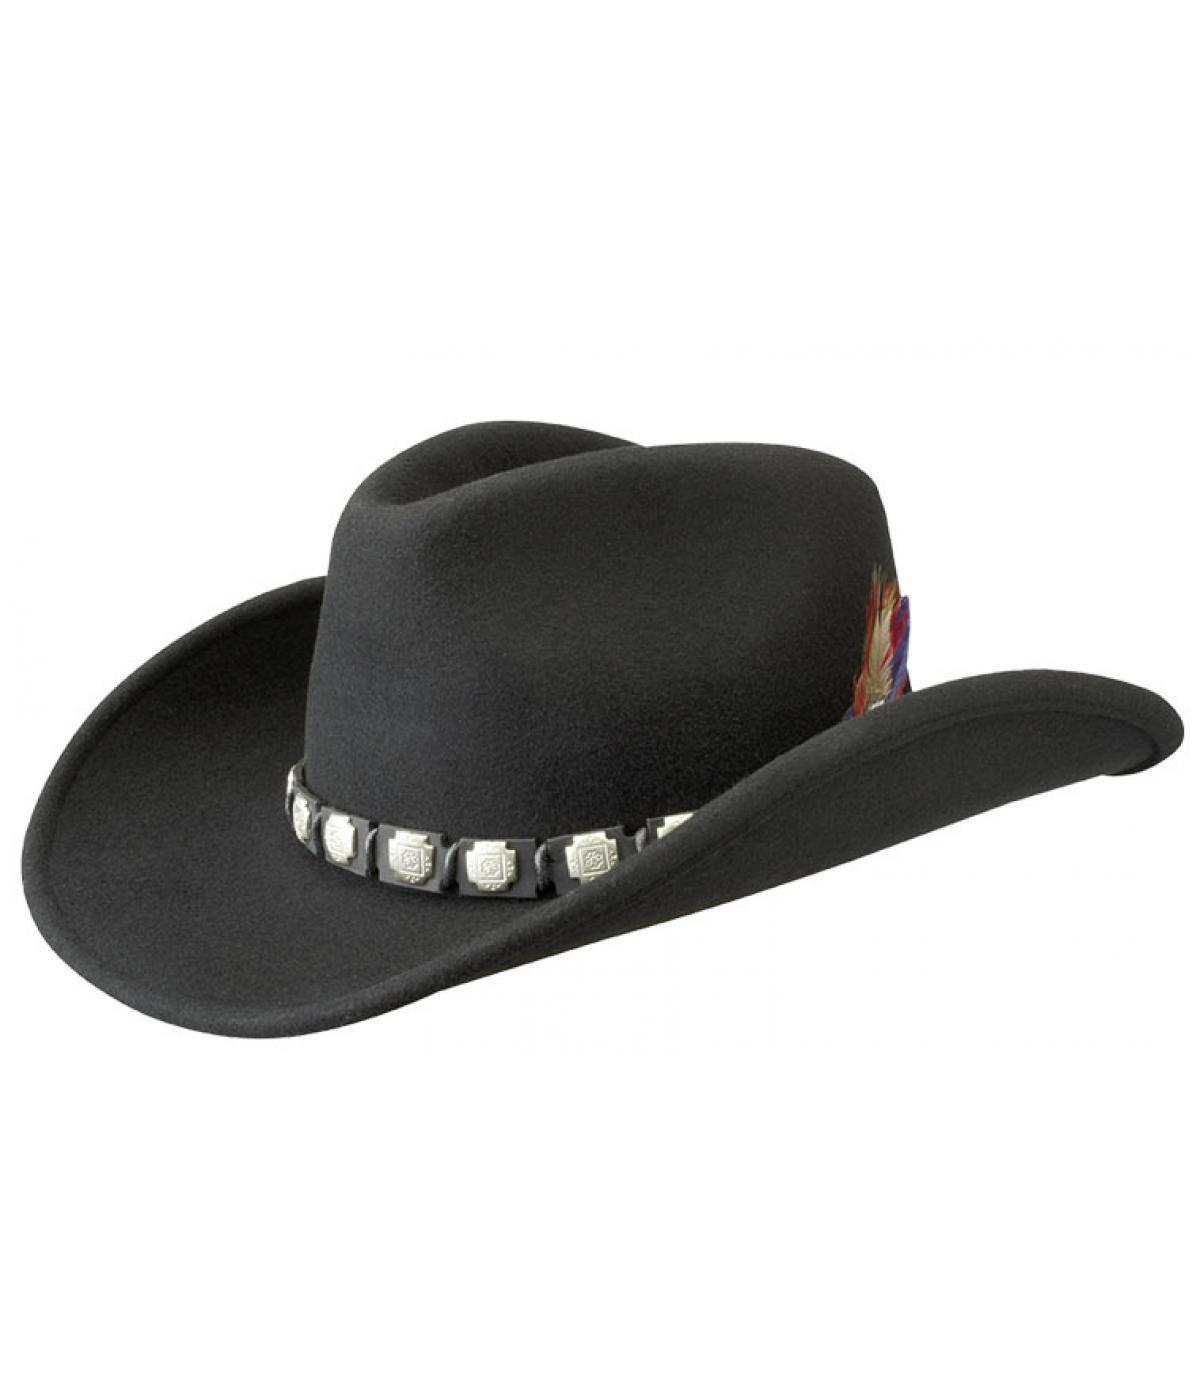 Stetson black cowboy hat